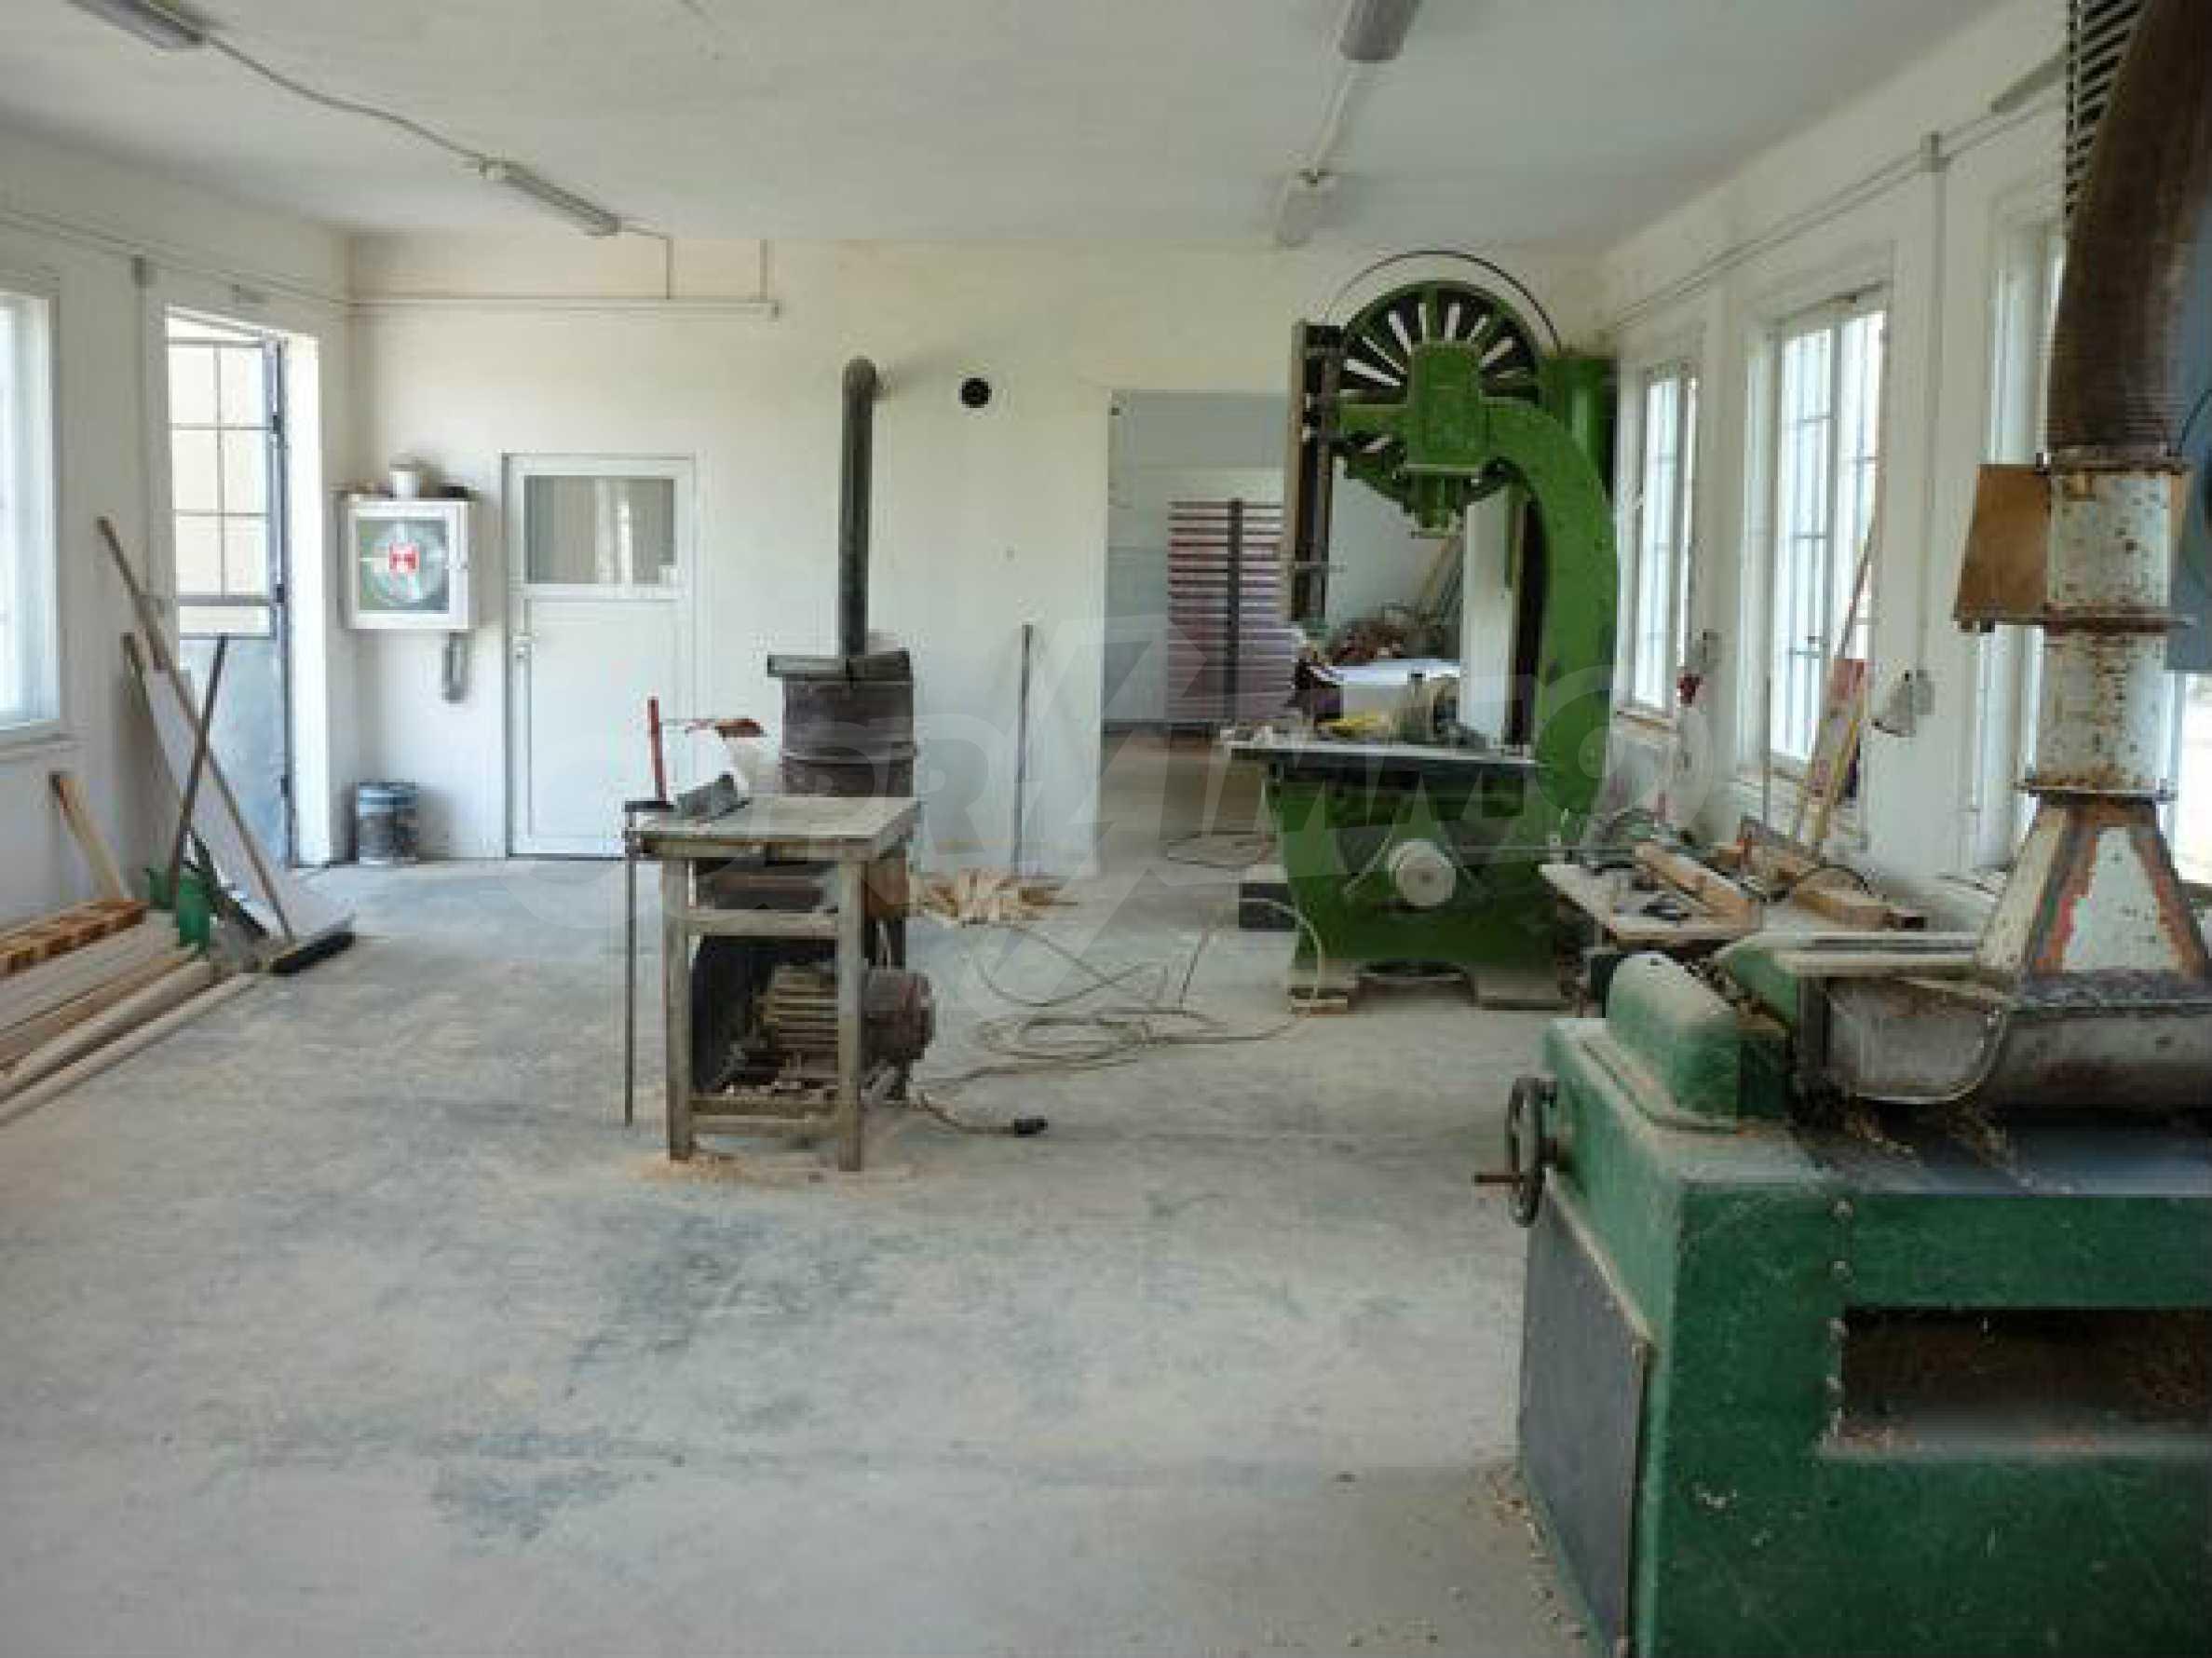 Industriegelände in einem Dorf 6 km von der Stadt Lovech entfernt 11